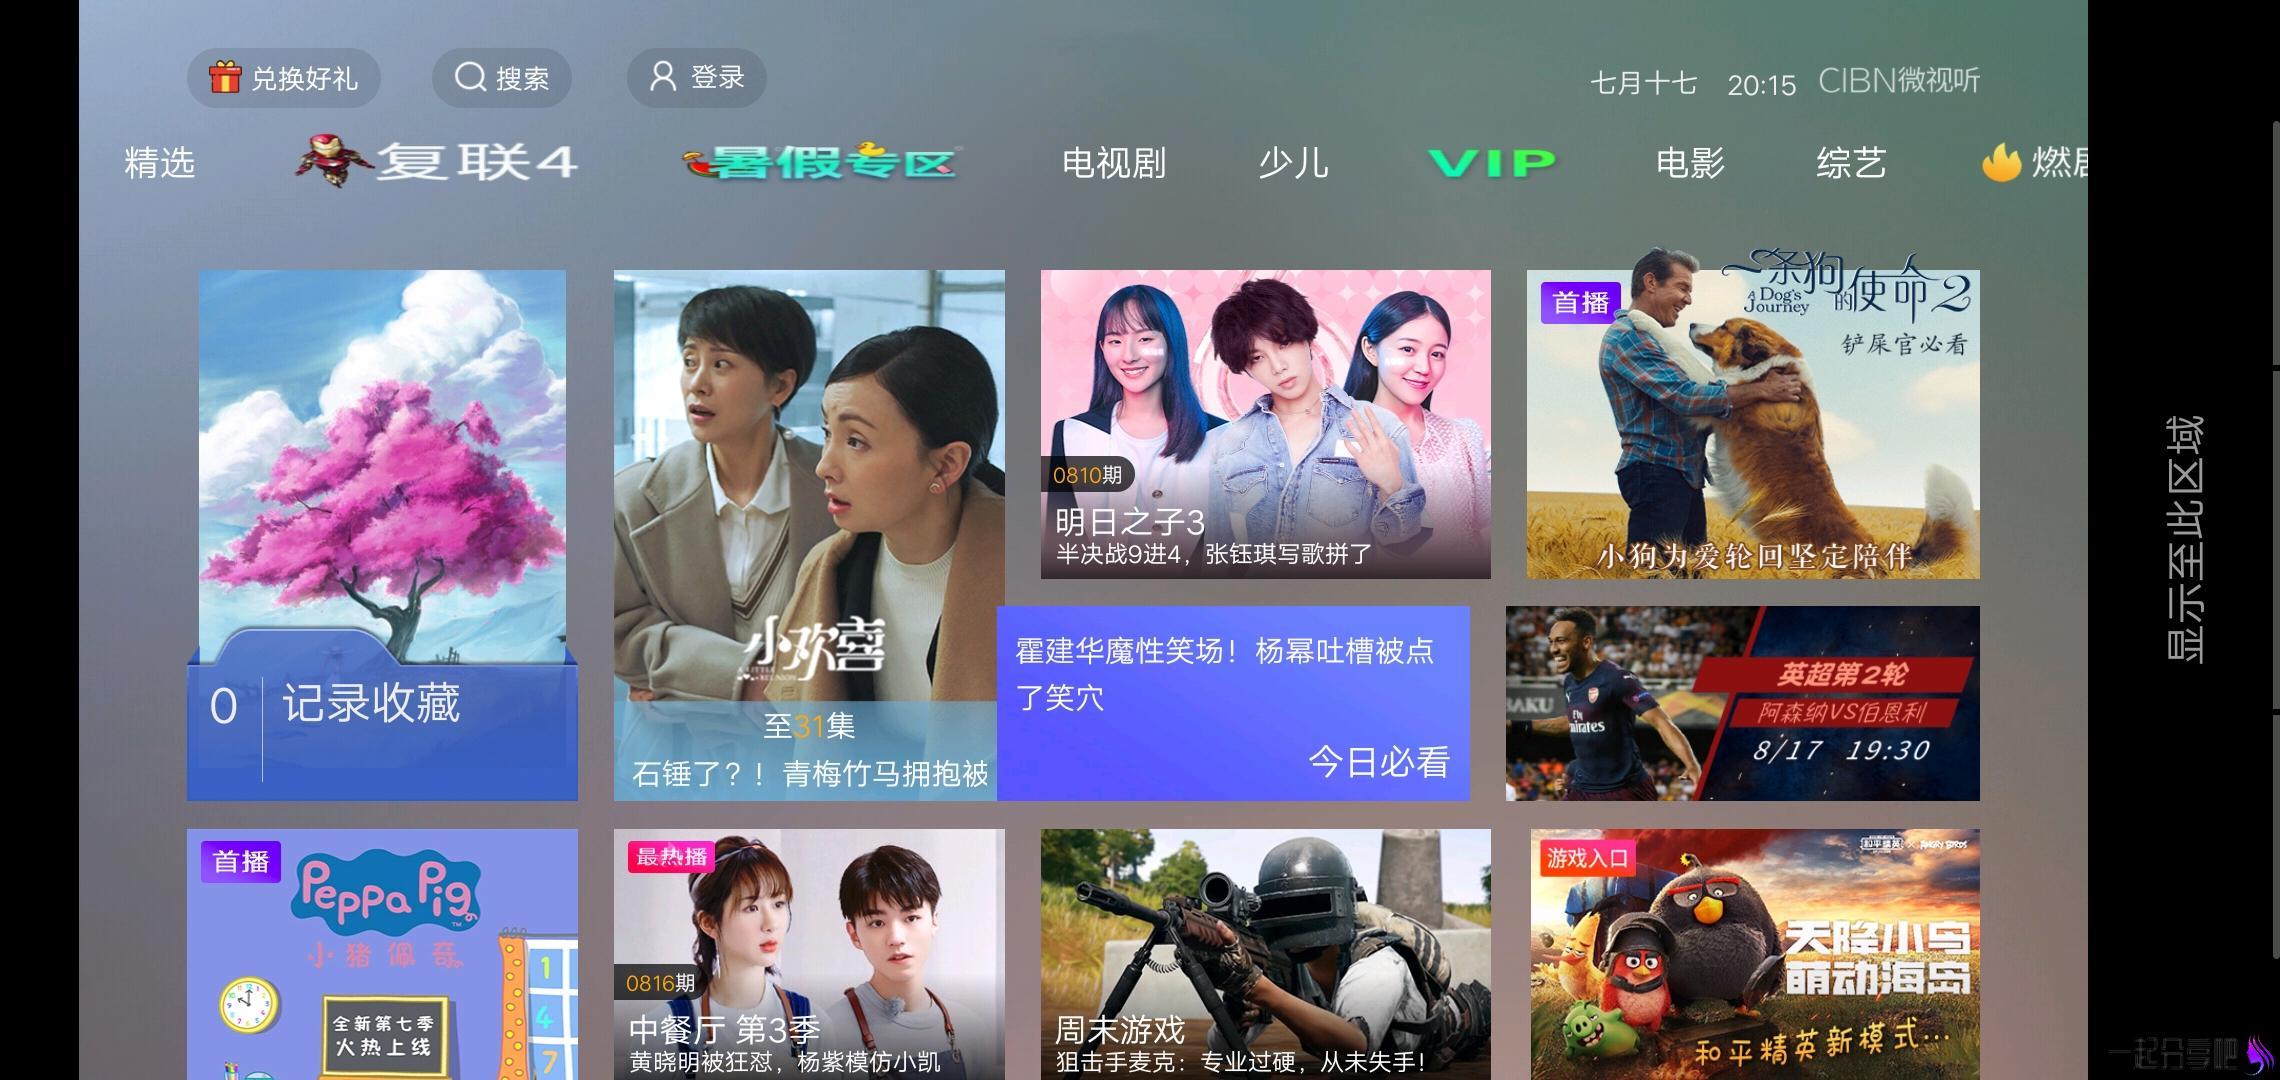 TV端盒子软件 VST全聚合 清爽版 第1张